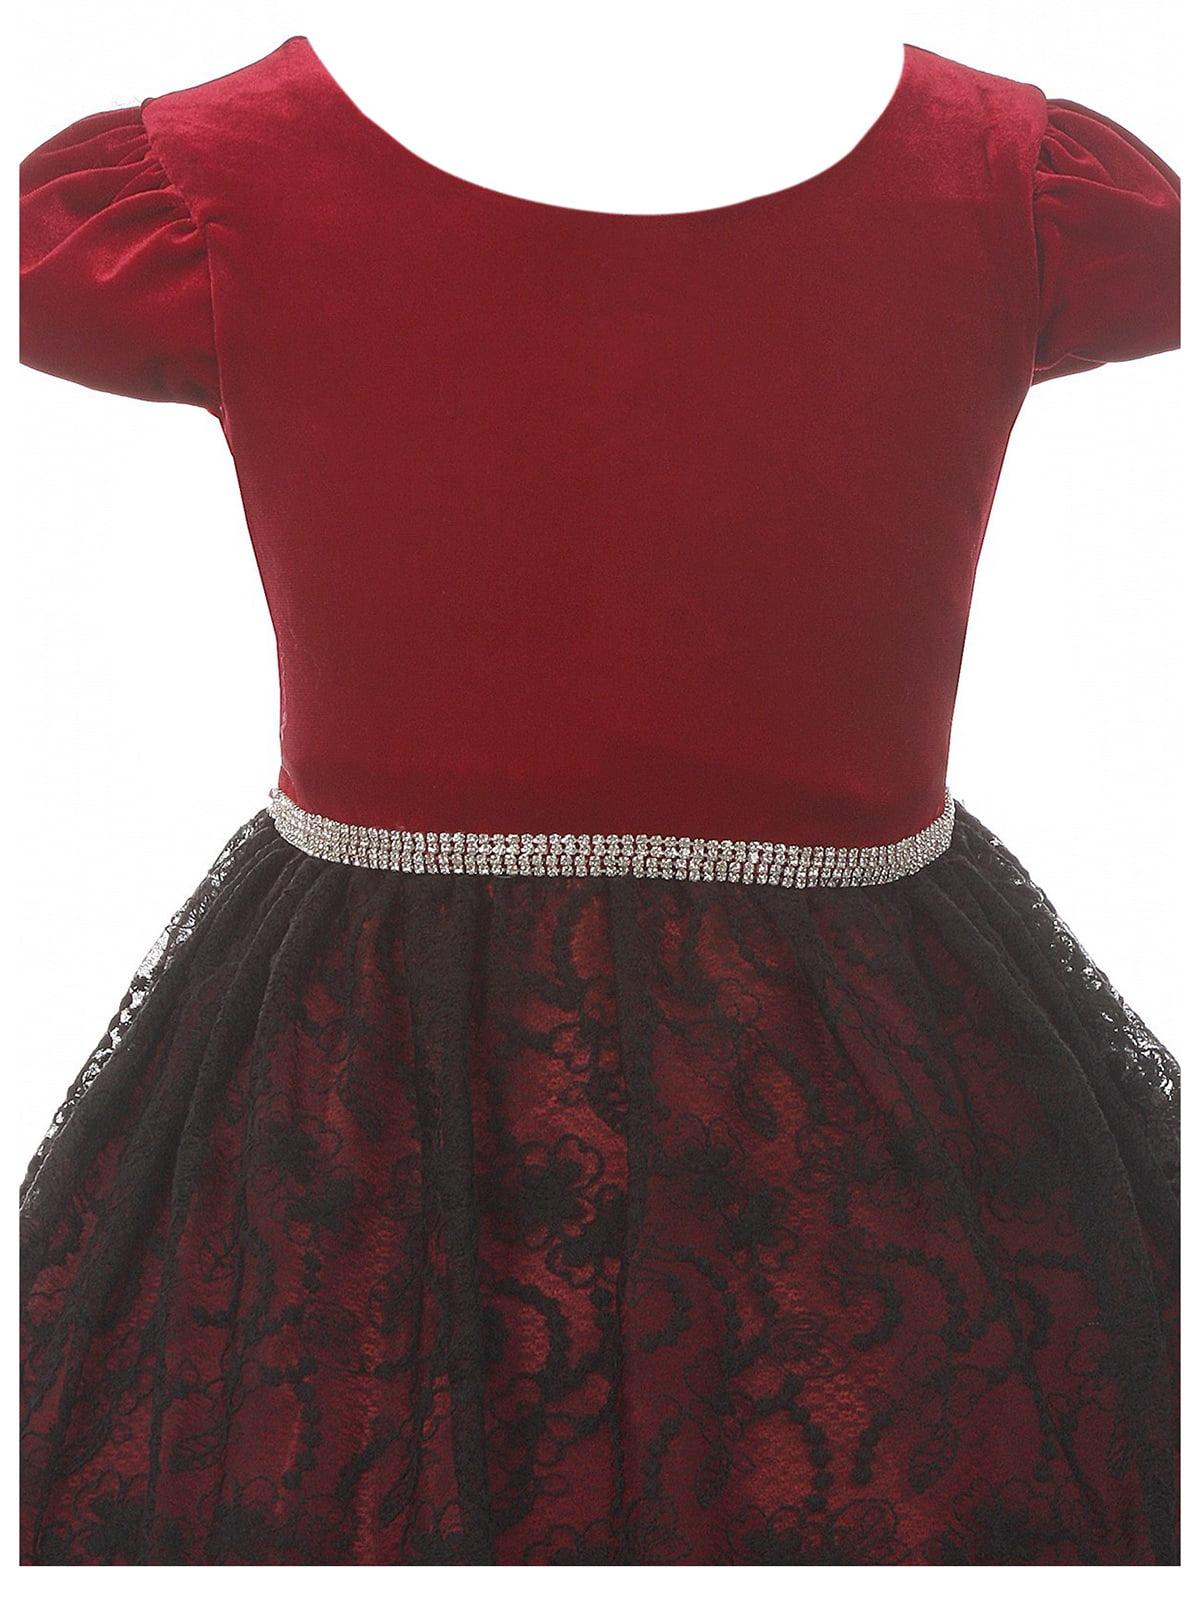 ef57af289e8 Big Girls  Velvet Cap Sleeve Lace Party Christmas Holiday Flower Girl Dress  Eggplant Size 10 (K44D5)